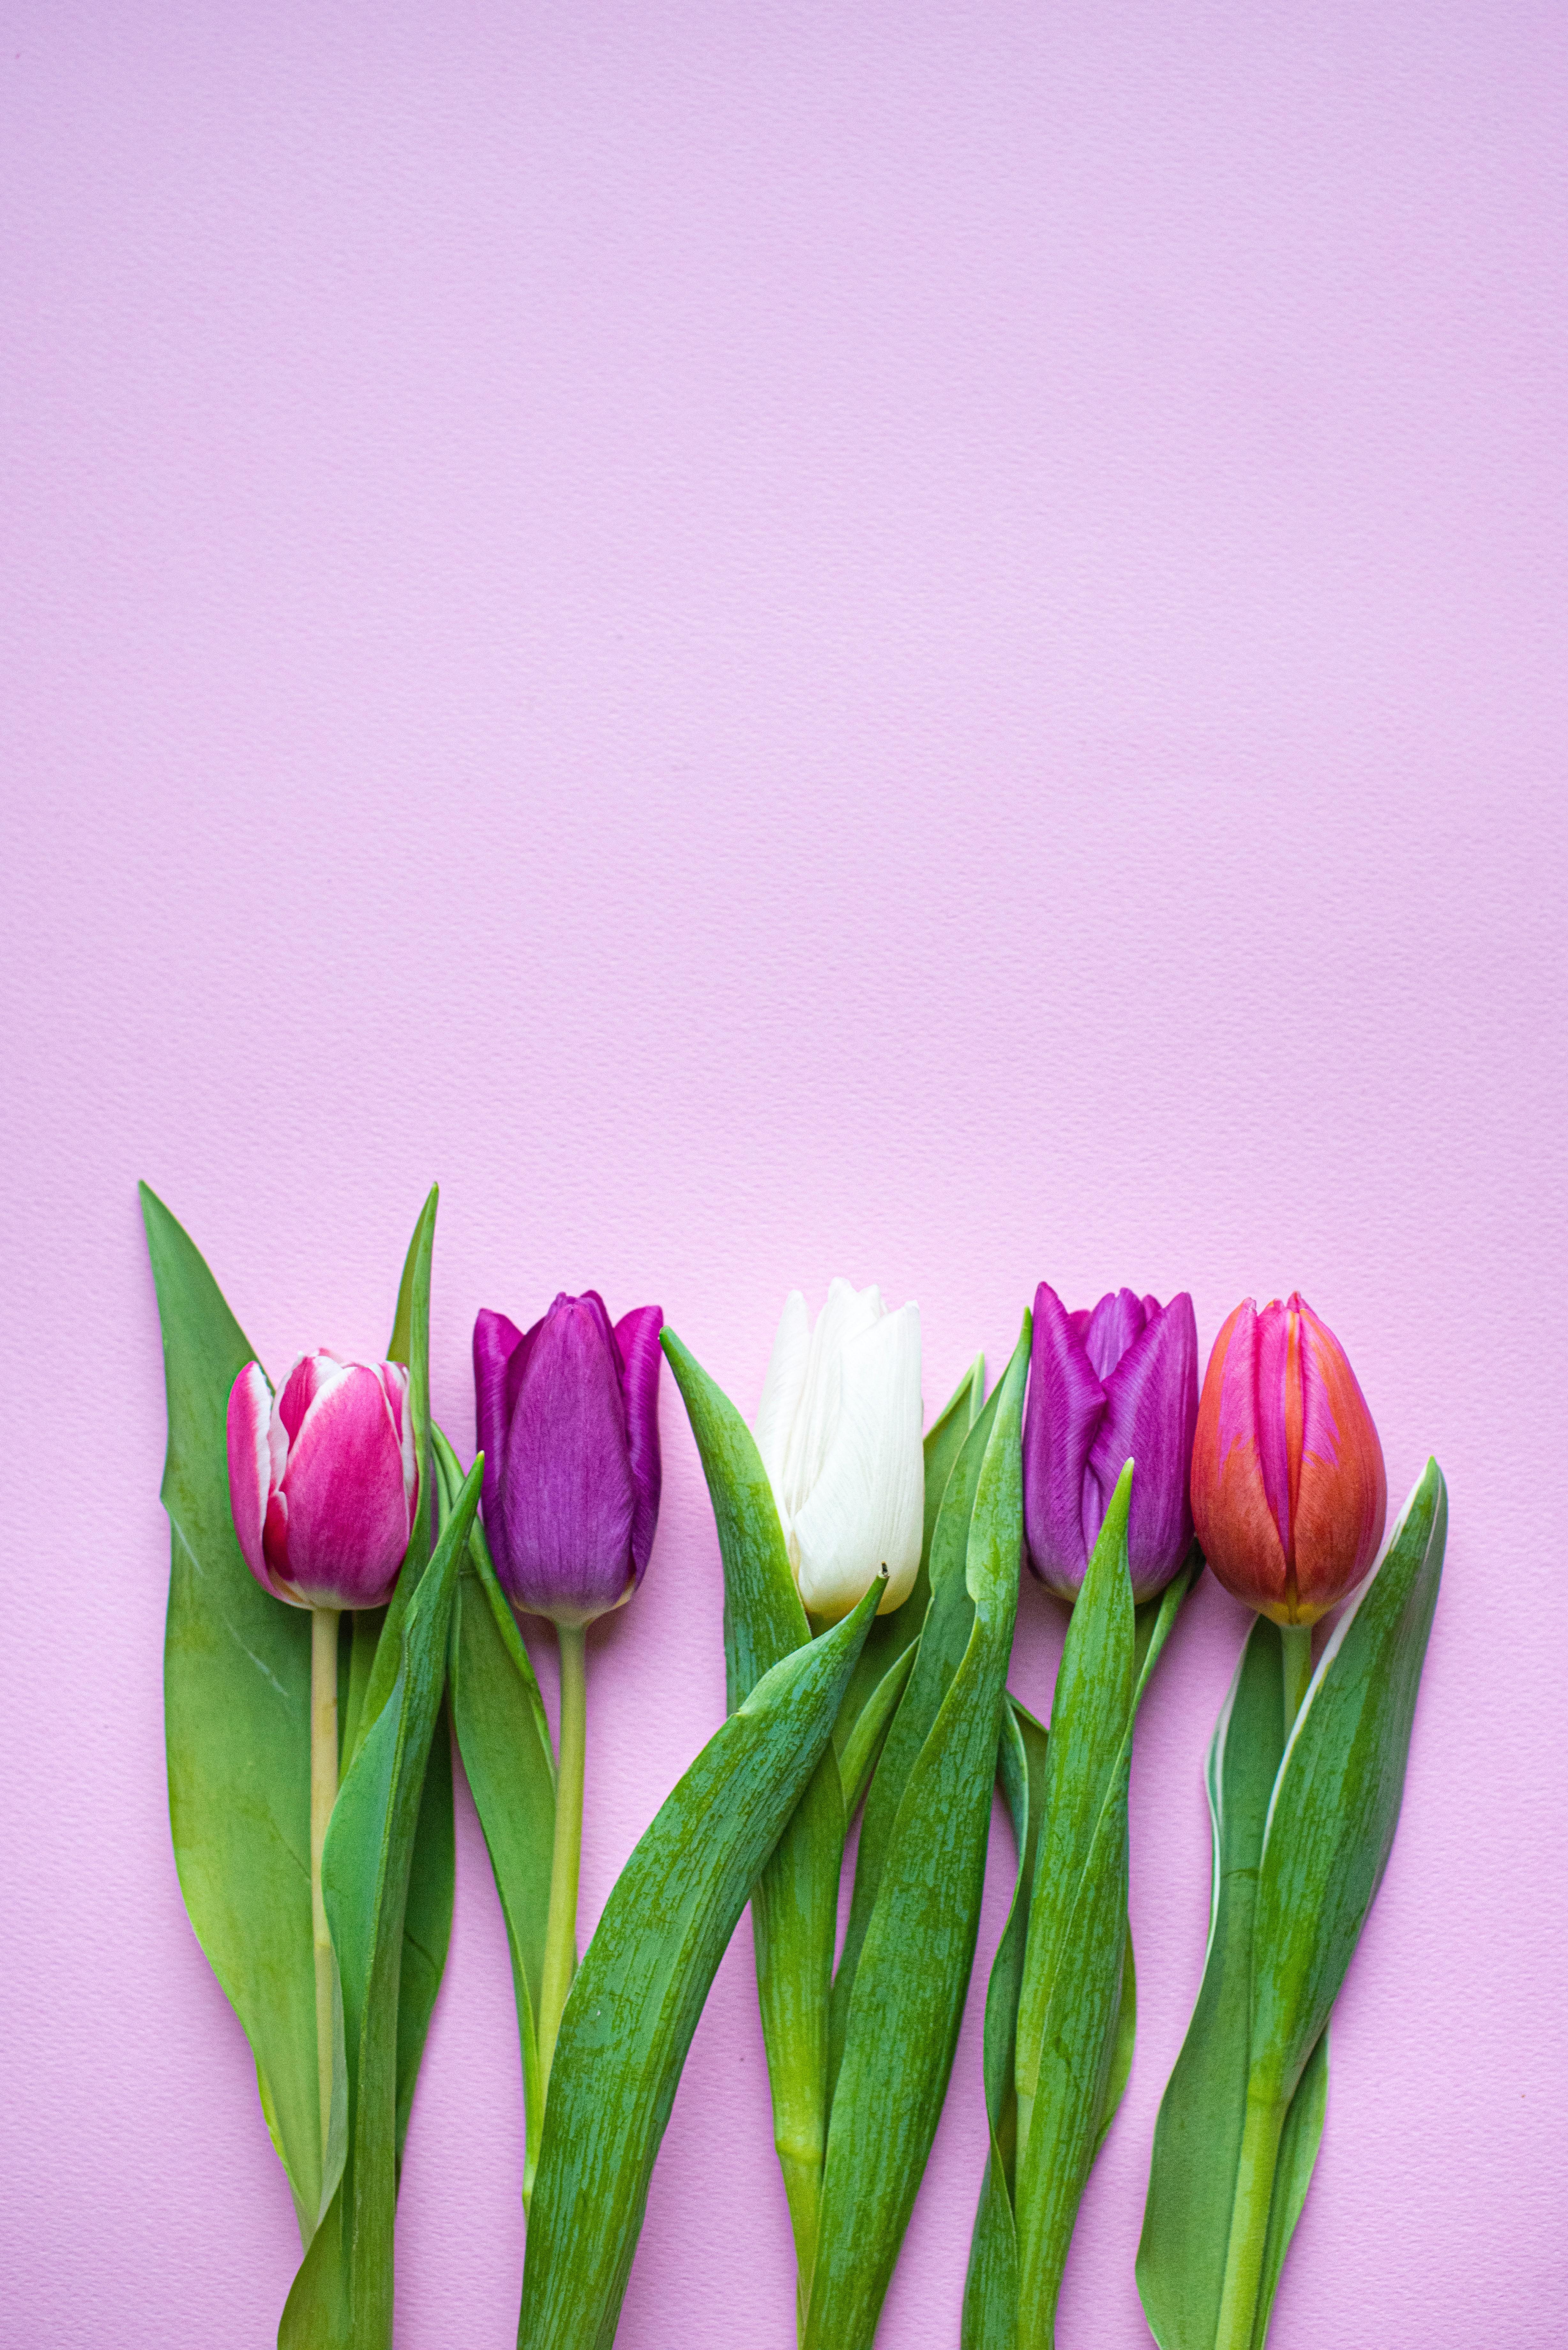 138534 скачать обои Цветы, Растения, Цветение, Весна, Тюльпаны - заставки и картинки бесплатно